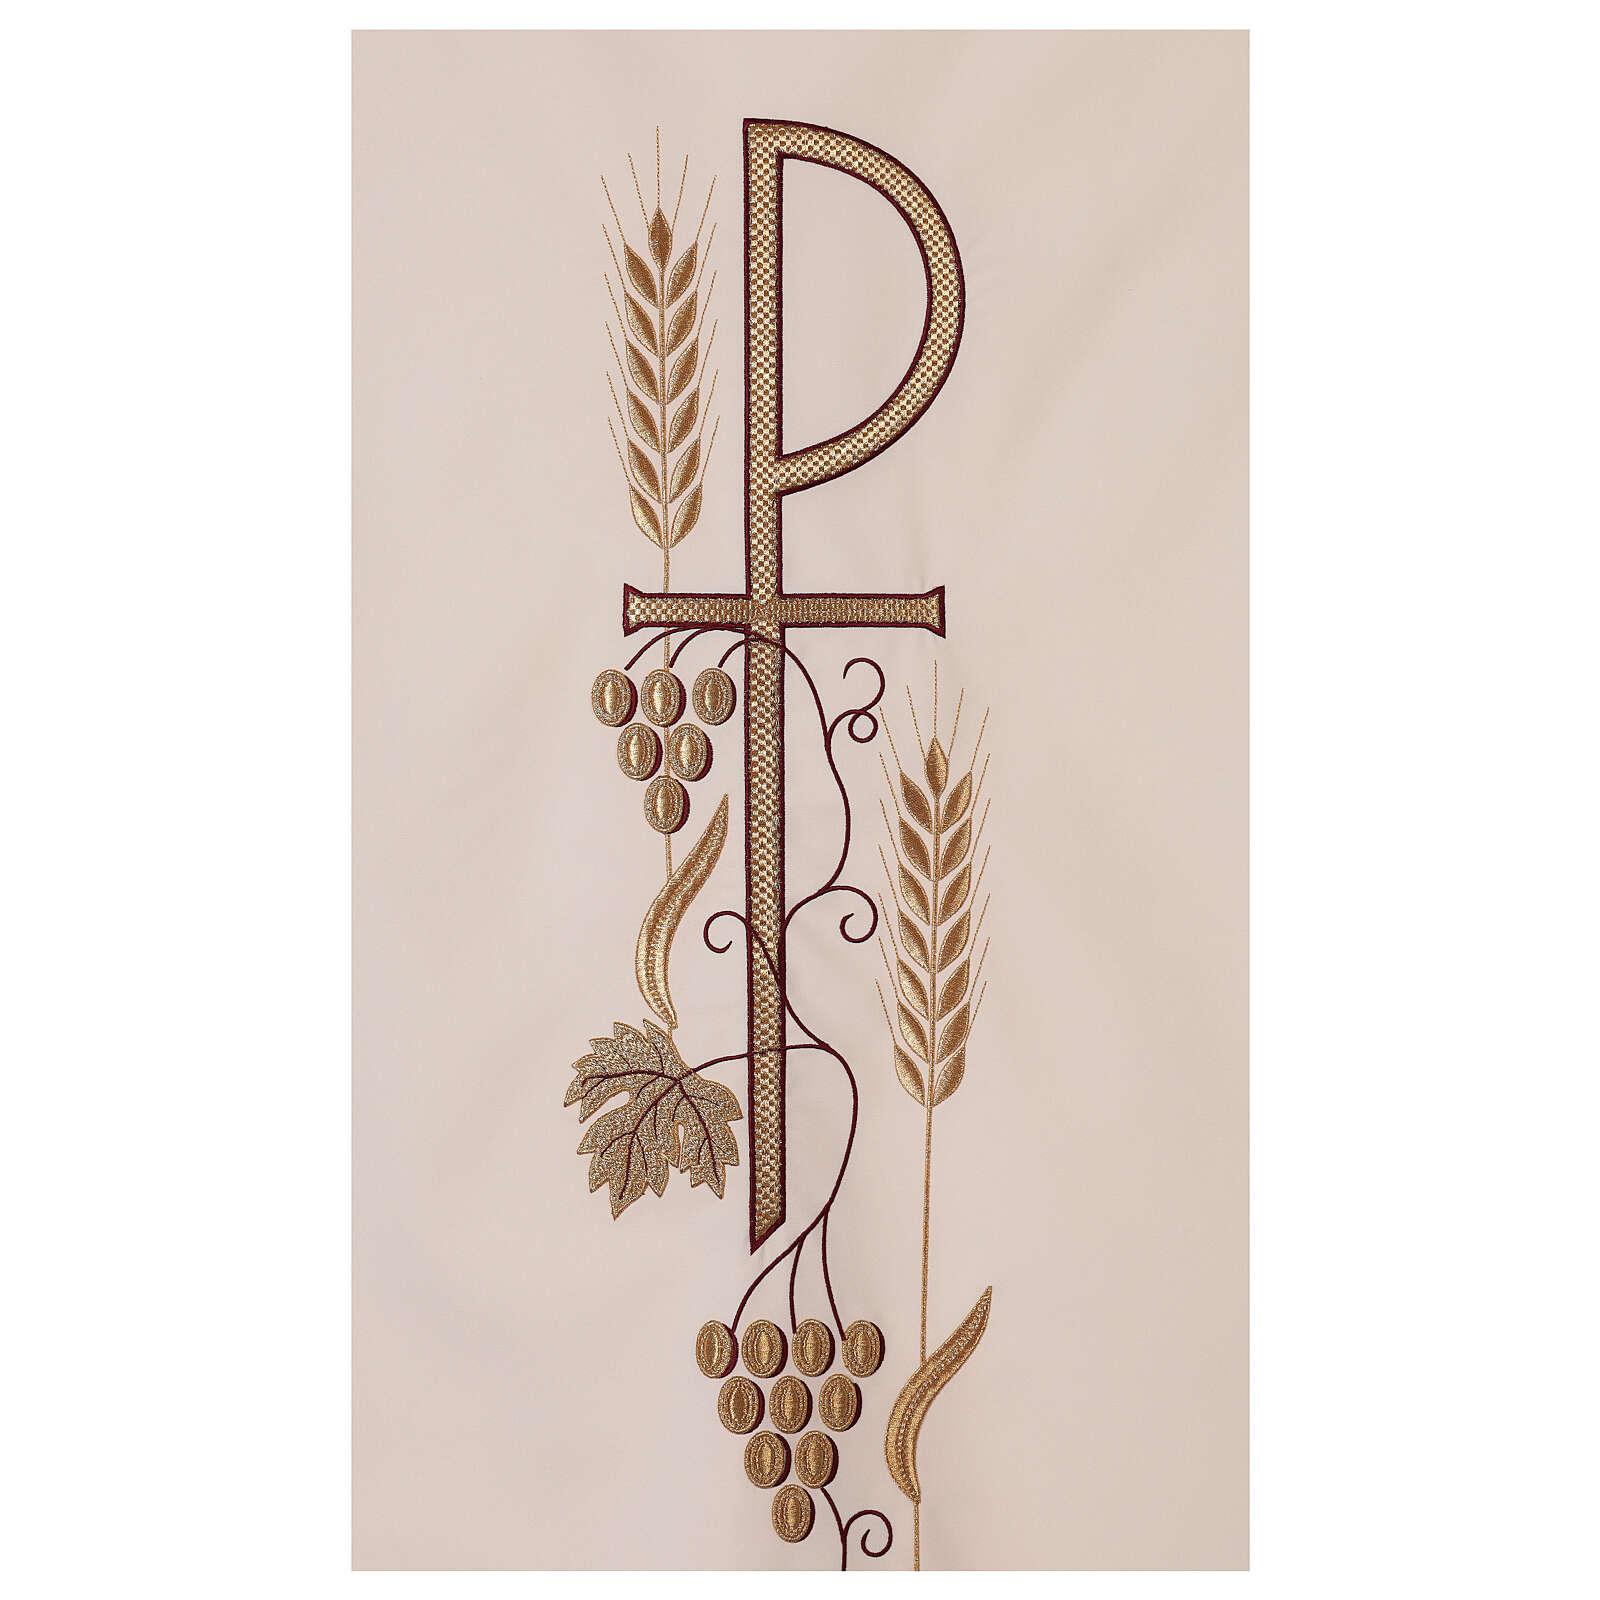 Véu de ambão trigo folha uva símbolo Chi-Rho 4